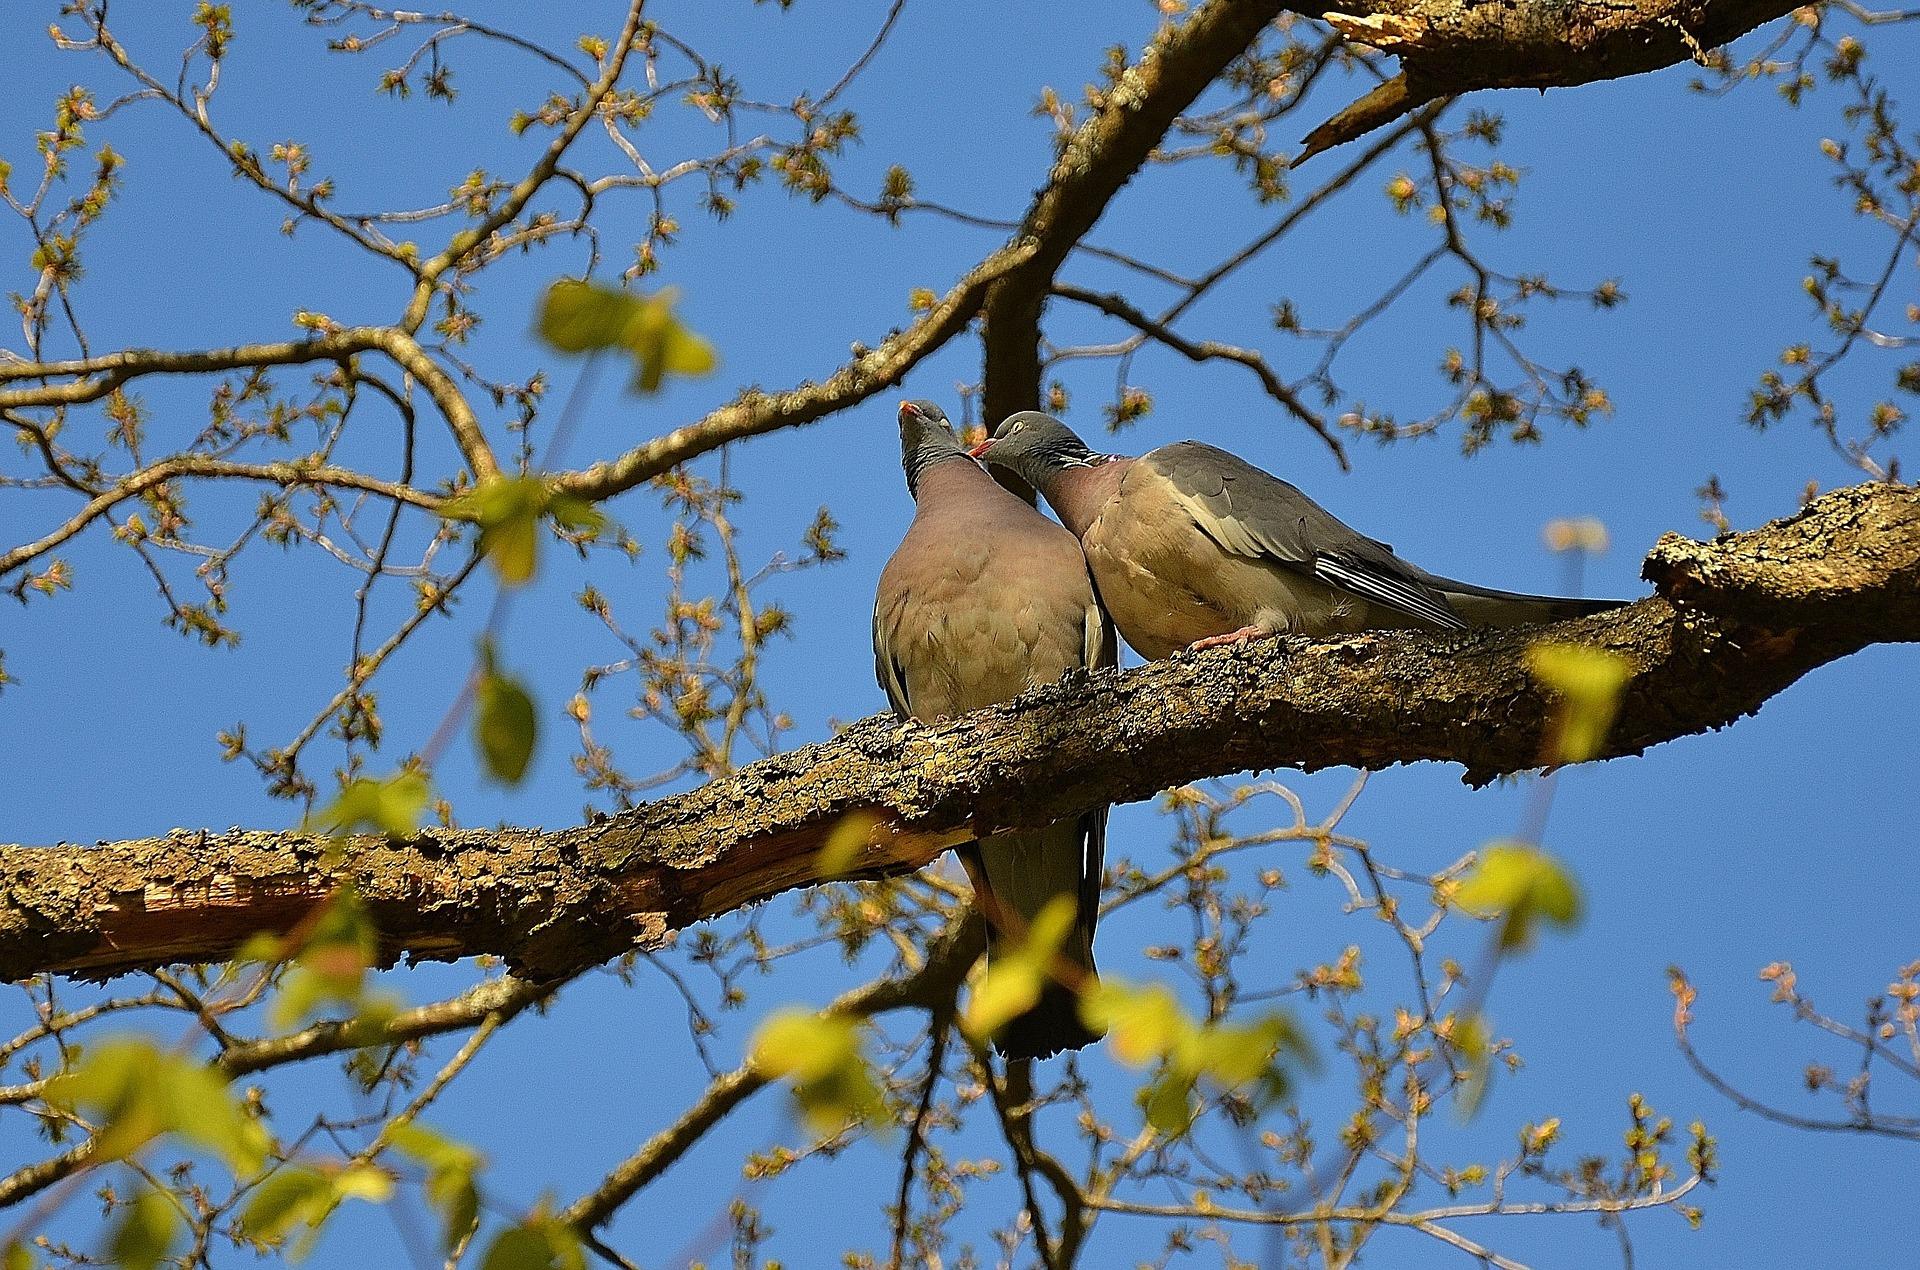 Marcel Cervantes de Oliveira, A História dos Dois Pássaros, O Desapego e a Voracidade